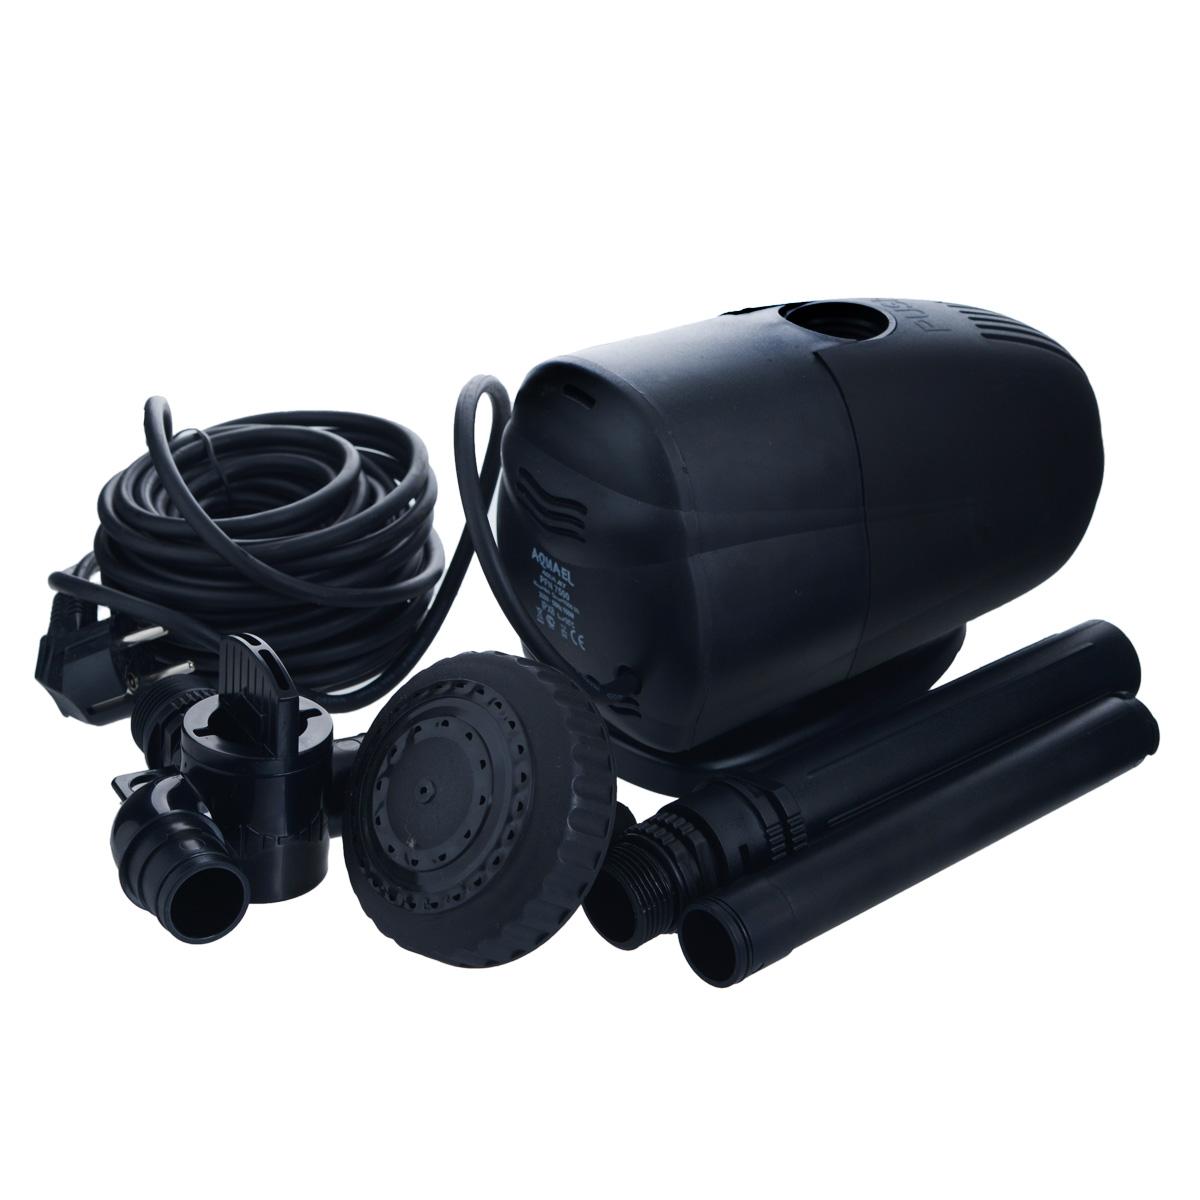 Насос фонтанный Aquael. PFN-7500PFN-7500Насос фонтанный Aquael предназначен для помпования и фильтрации воды в фонтанах, каскадах, водоемах, садовых прудах и приусадебных бассейнах. Может использоваться также в других условиях, например, в садоводстве, в домашнем или сельском хозяйстве, при разведении рыб или животных, на строительных площадках и т.д. Небольшие размеры, значительная производительность и возможность регуляции, а прежде всего, простота конструкции, делает насос универсальным и эффективным. Для расширения возможности фонтана можно использовать дополнительные аксессуары из ассортимента Aquael. Максимальная температура: 35°C. Максимальная высота фонтана: 4 м. Размер насоса: 23 см х 12 см х 14 см. Длина кабеля: 10 м. Мощность: 7000 л/ч.